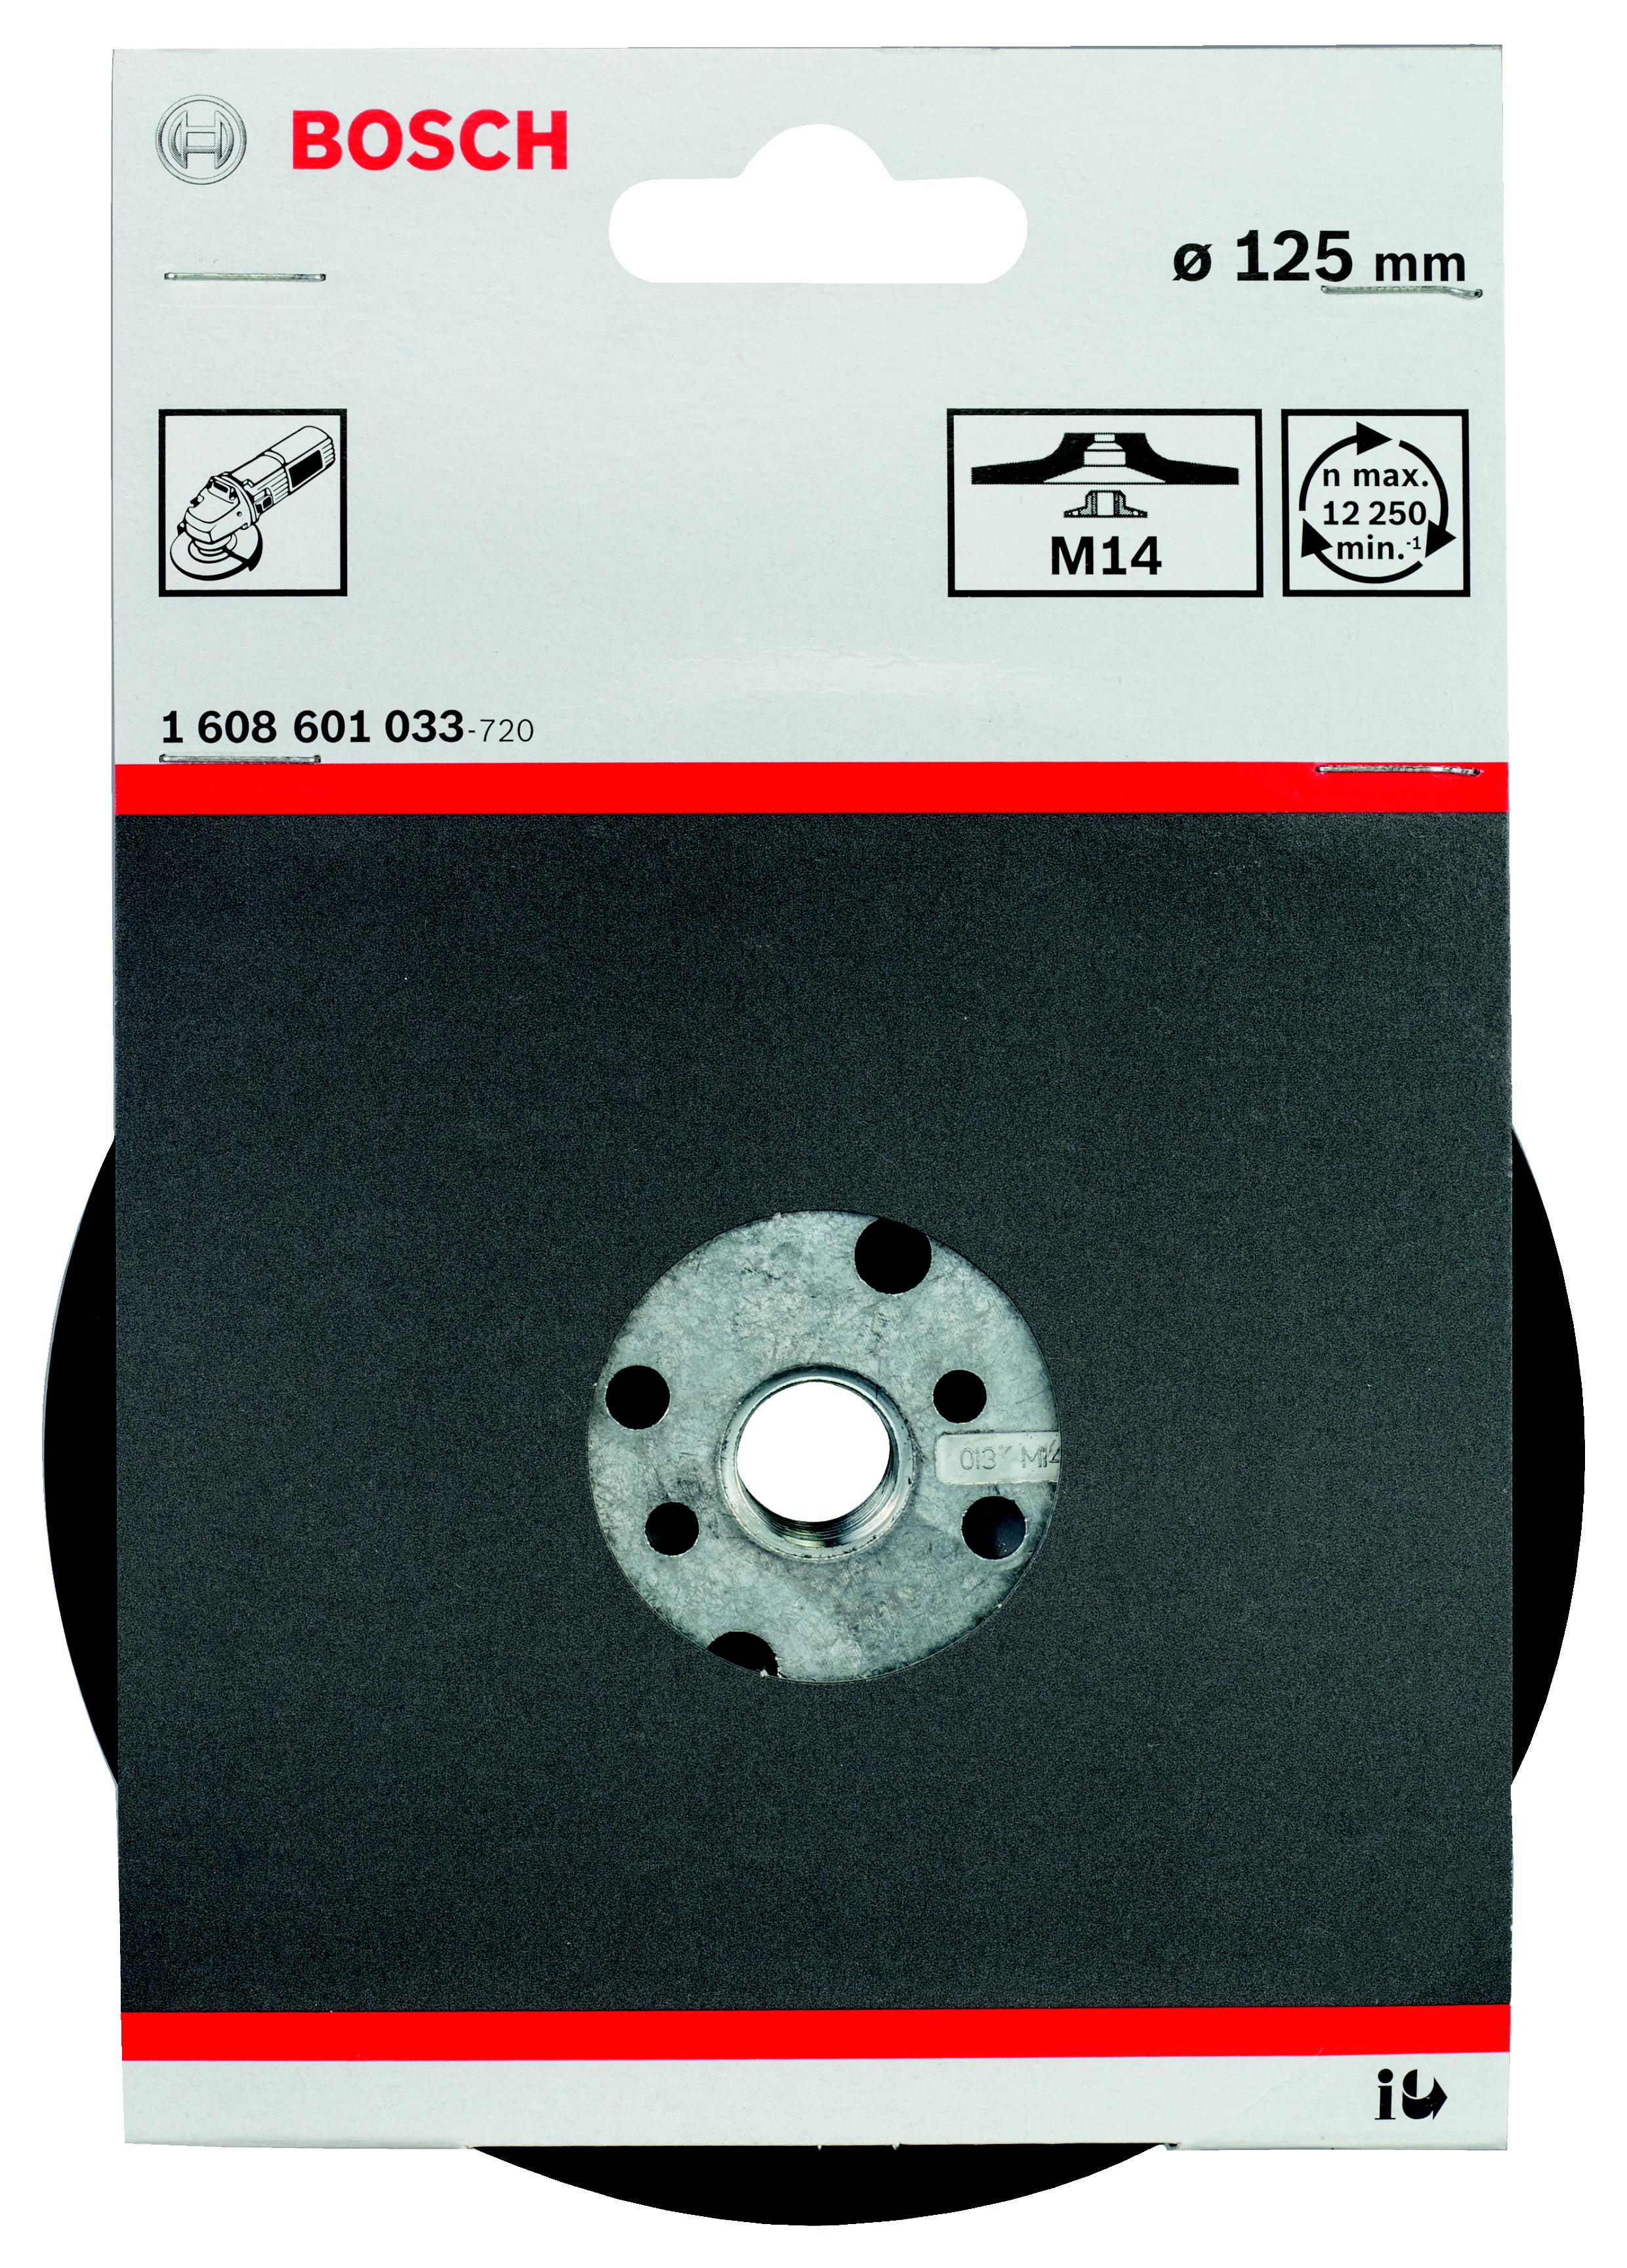 Тарелка опорная Bosch 1608601033 опорная тарелка multihole 125 мм мягкая bosch 2608601333